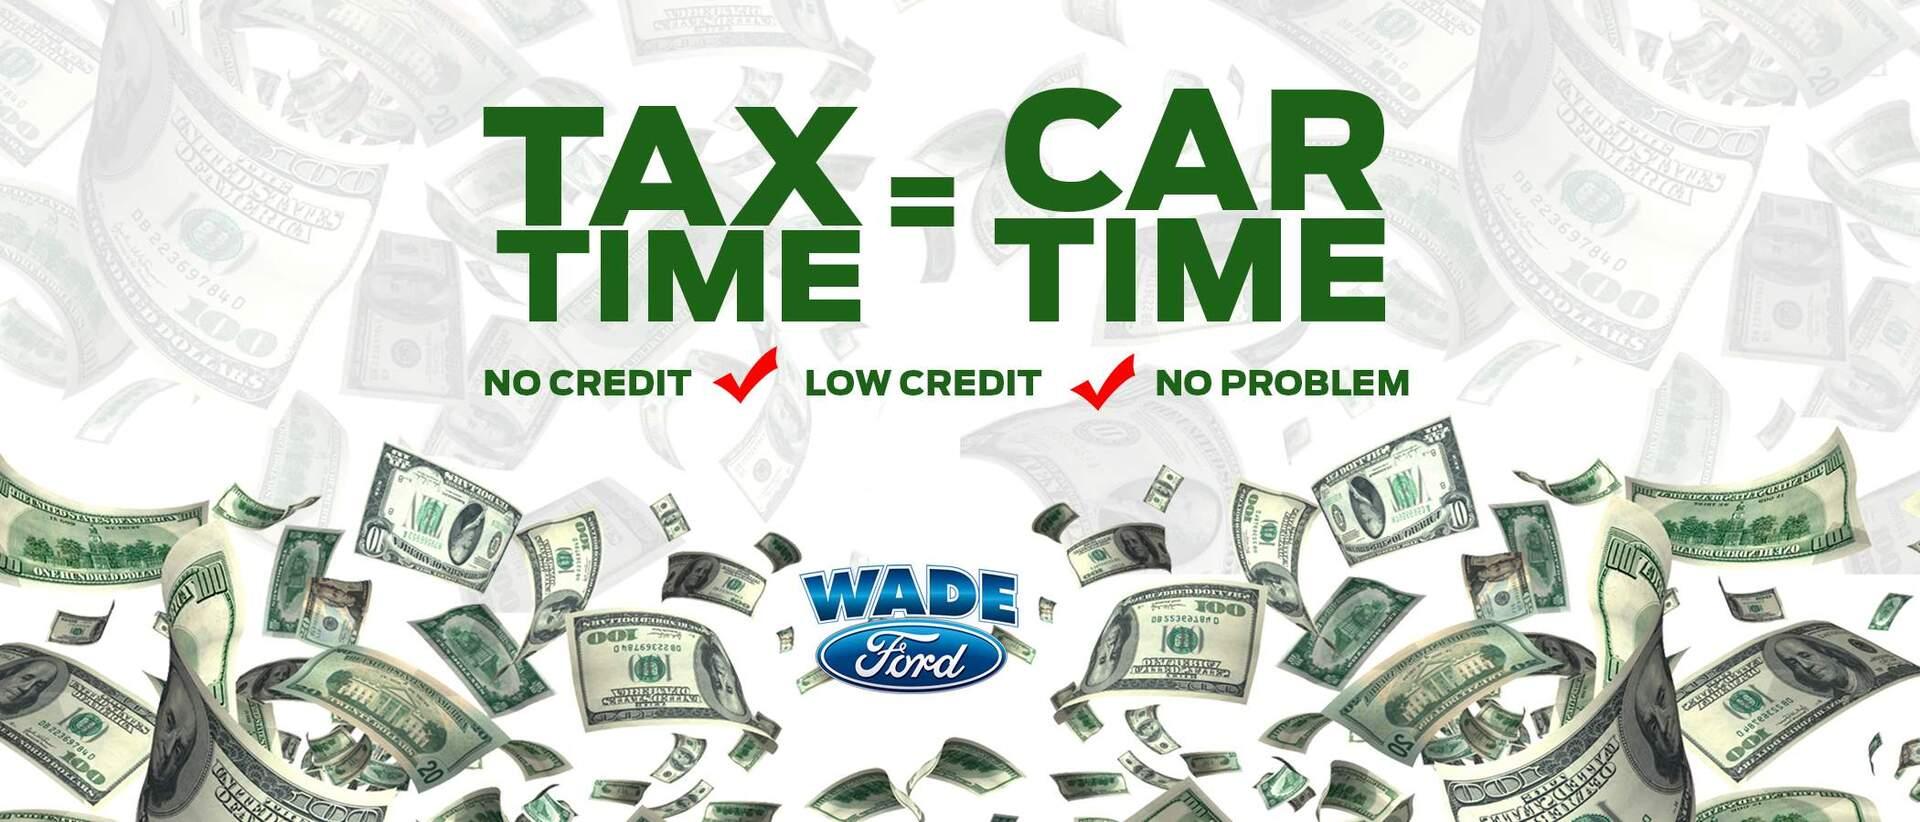 Car Dealership In Atlanta Ga Bad Credit